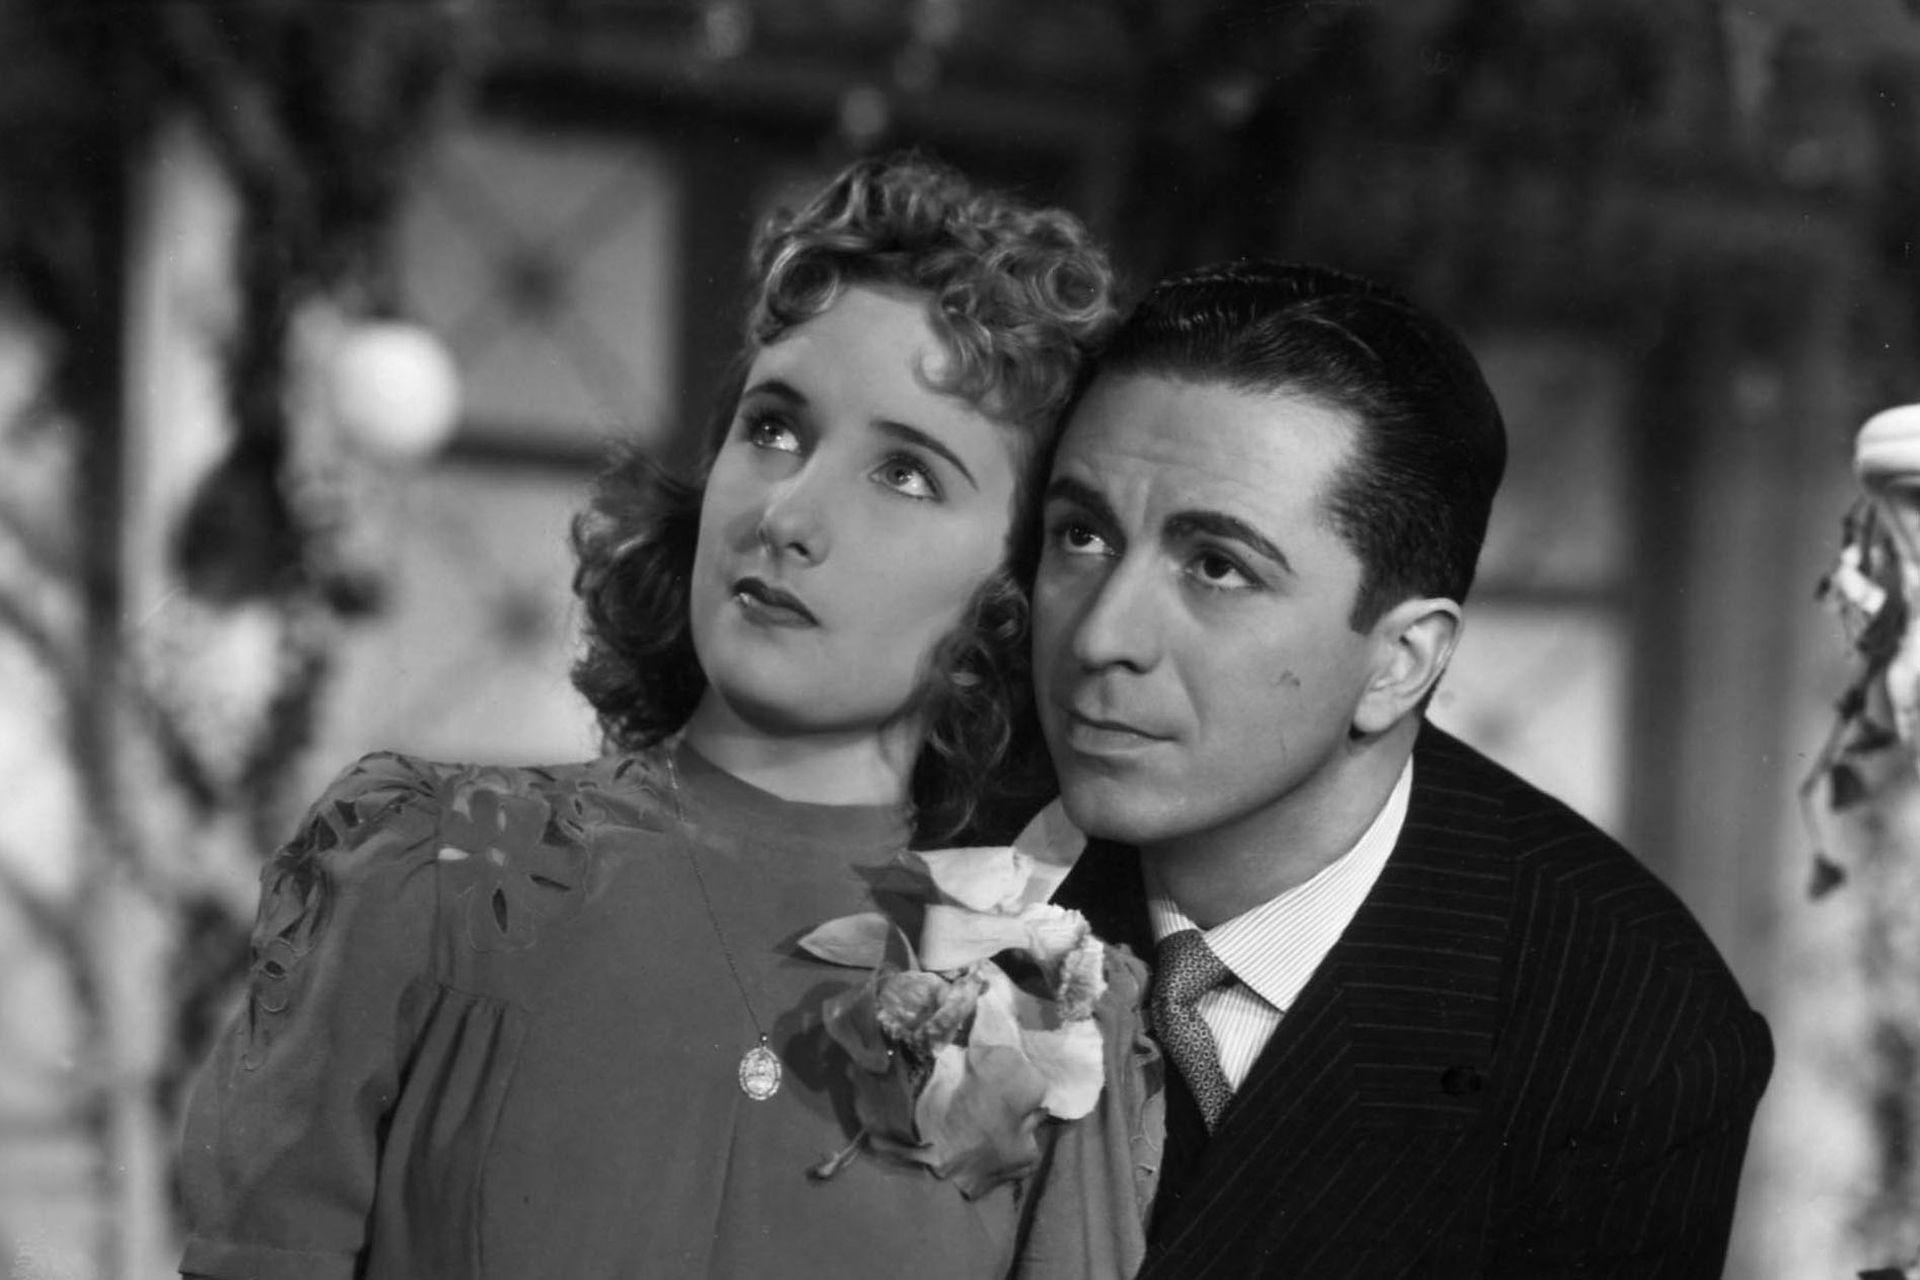 Mirtha Legrand y Juan Carlos Thorry en Los martes orquídeas (1941), de Francisco Mugica